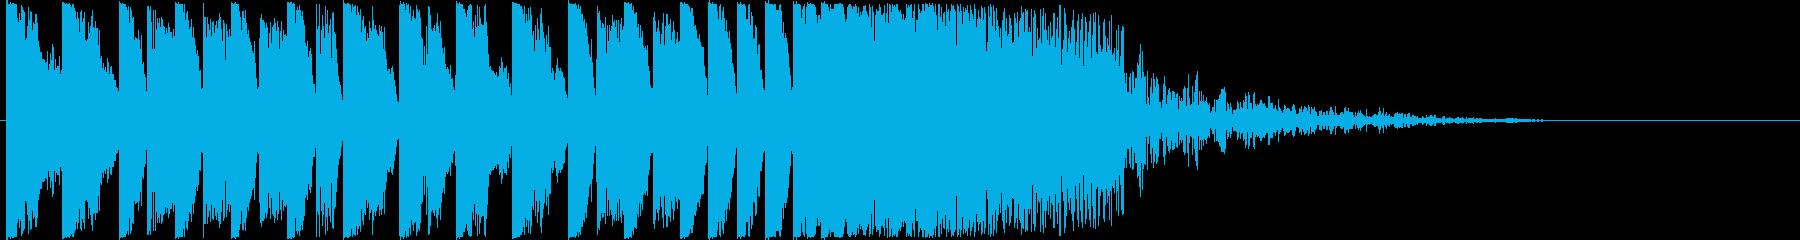 15秒のかっこいいEDMジングルの再生済みの波形